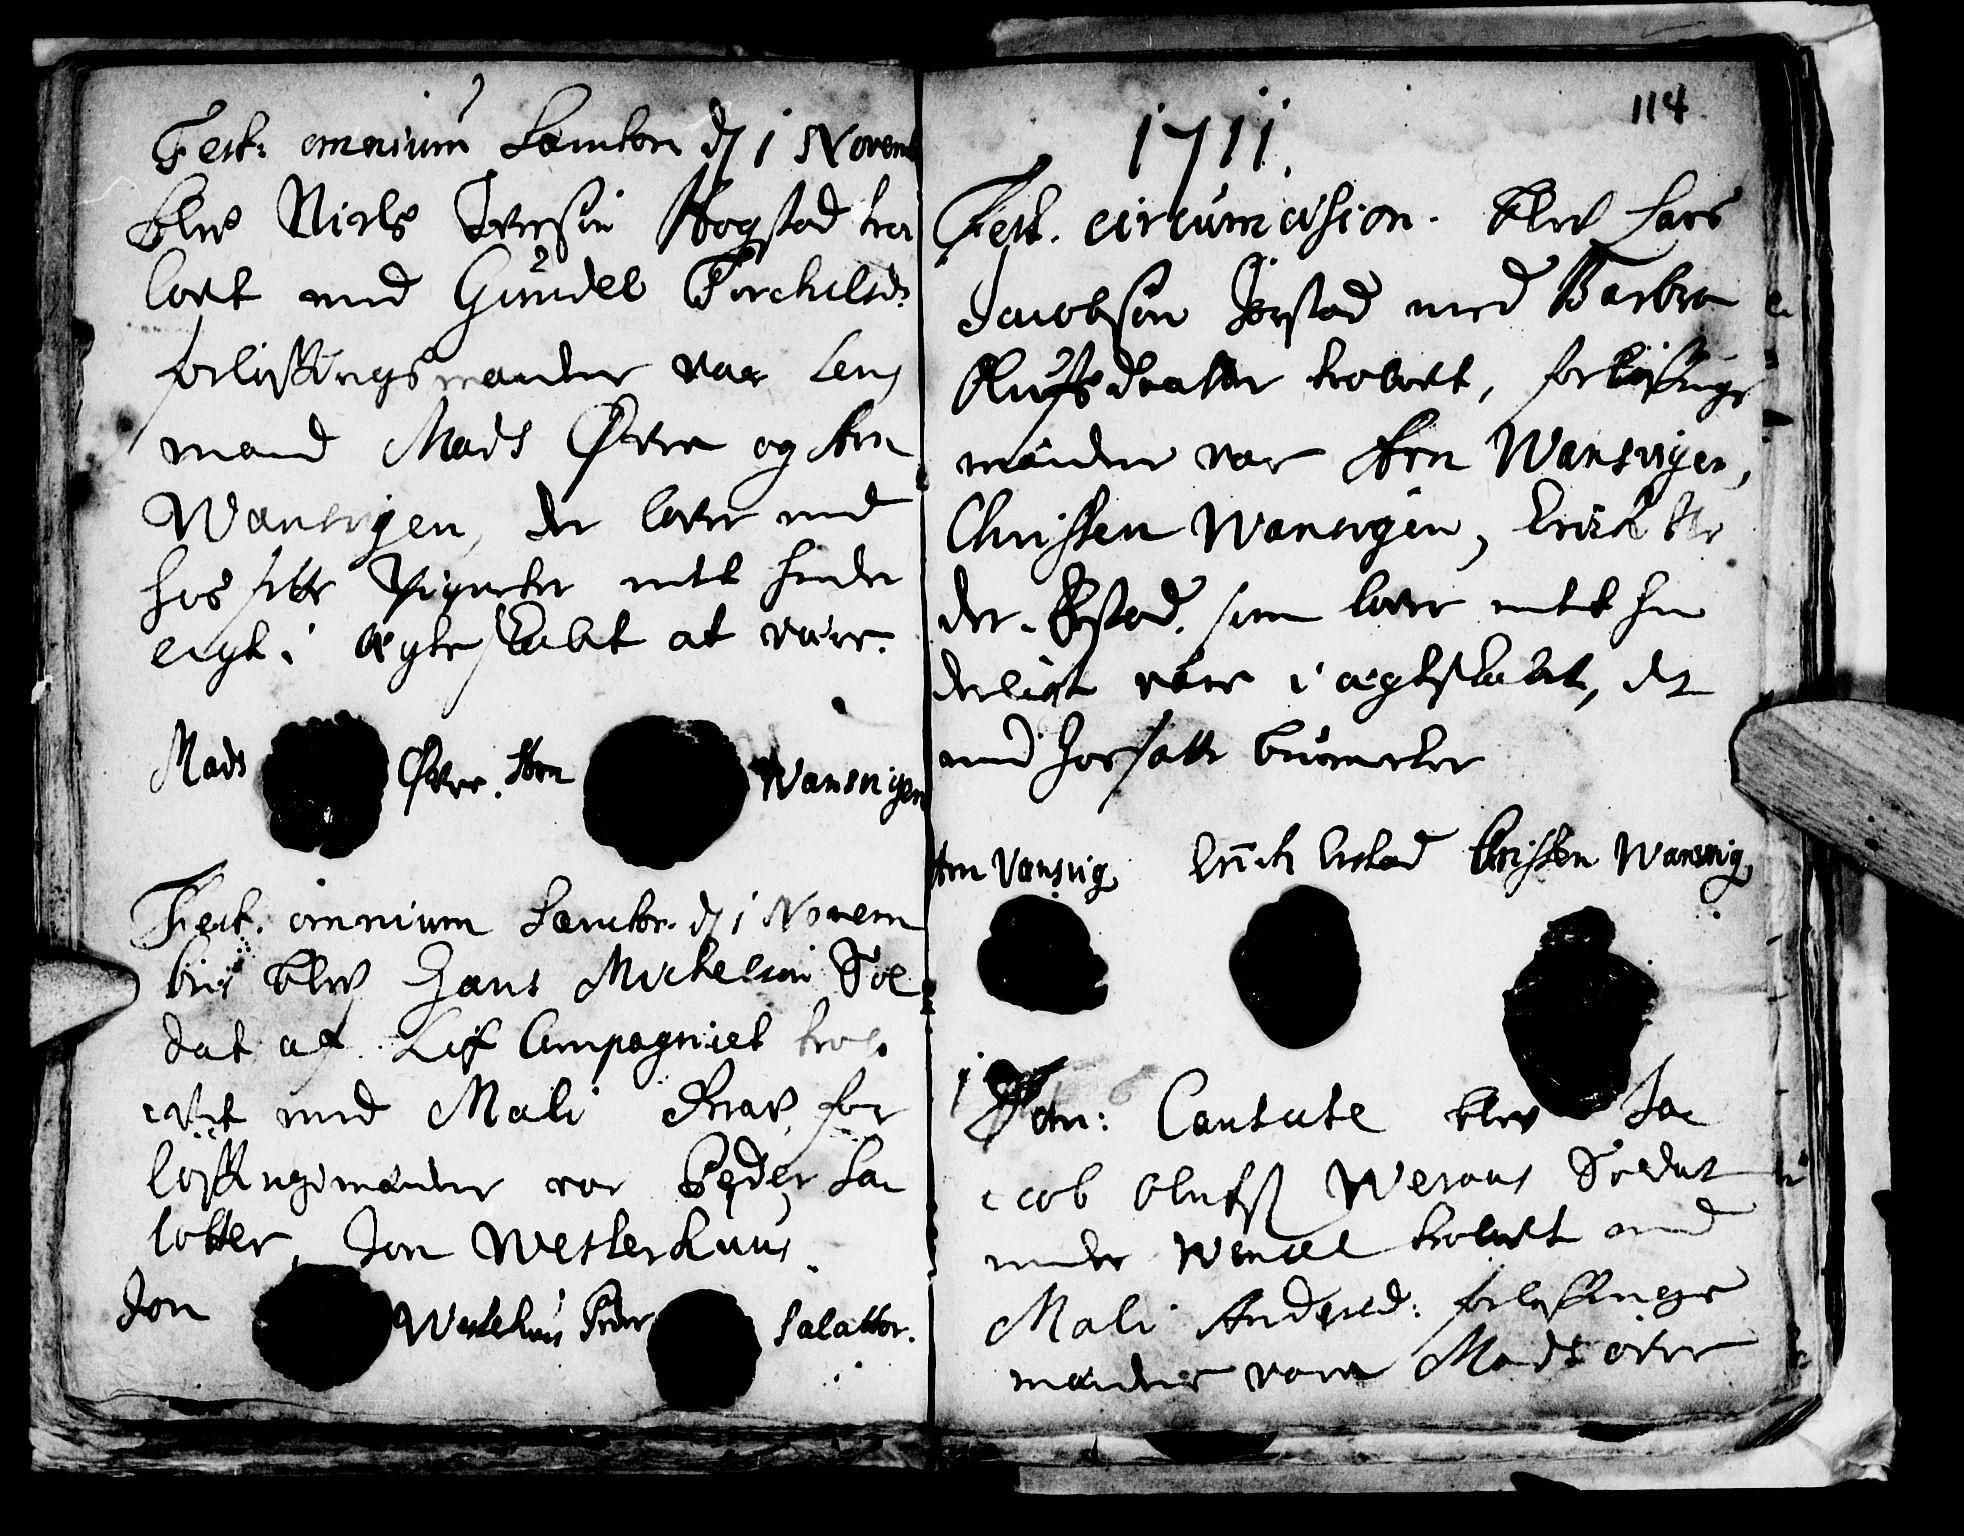 SAT, Ministerialprotokoller, klokkerbøker og fødselsregistre - Nord-Trøndelag, 722/L0214: Ministerialbok nr. 722A01, 1692-1718, s. 114